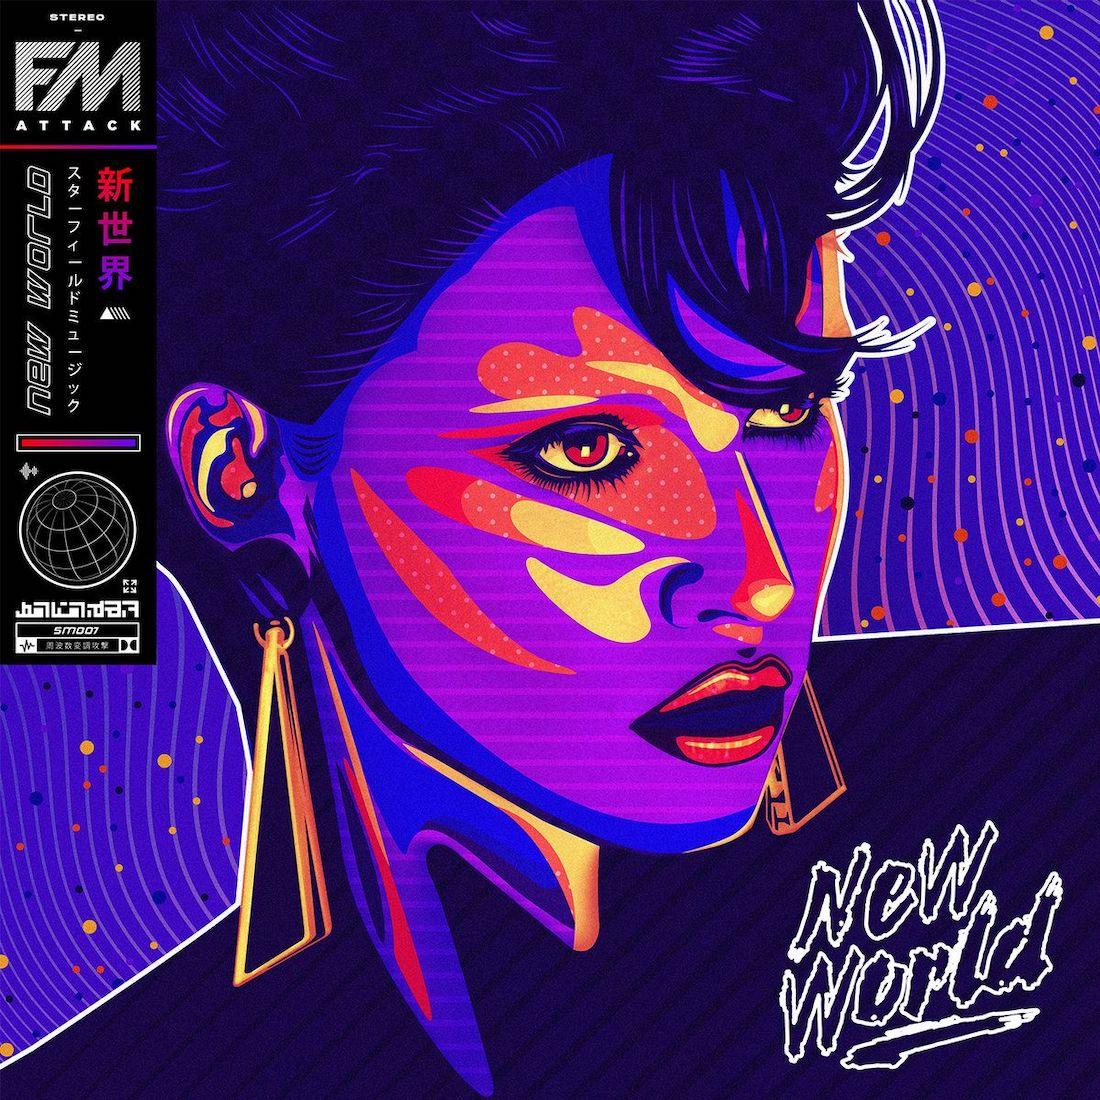 fm-attack-new-world